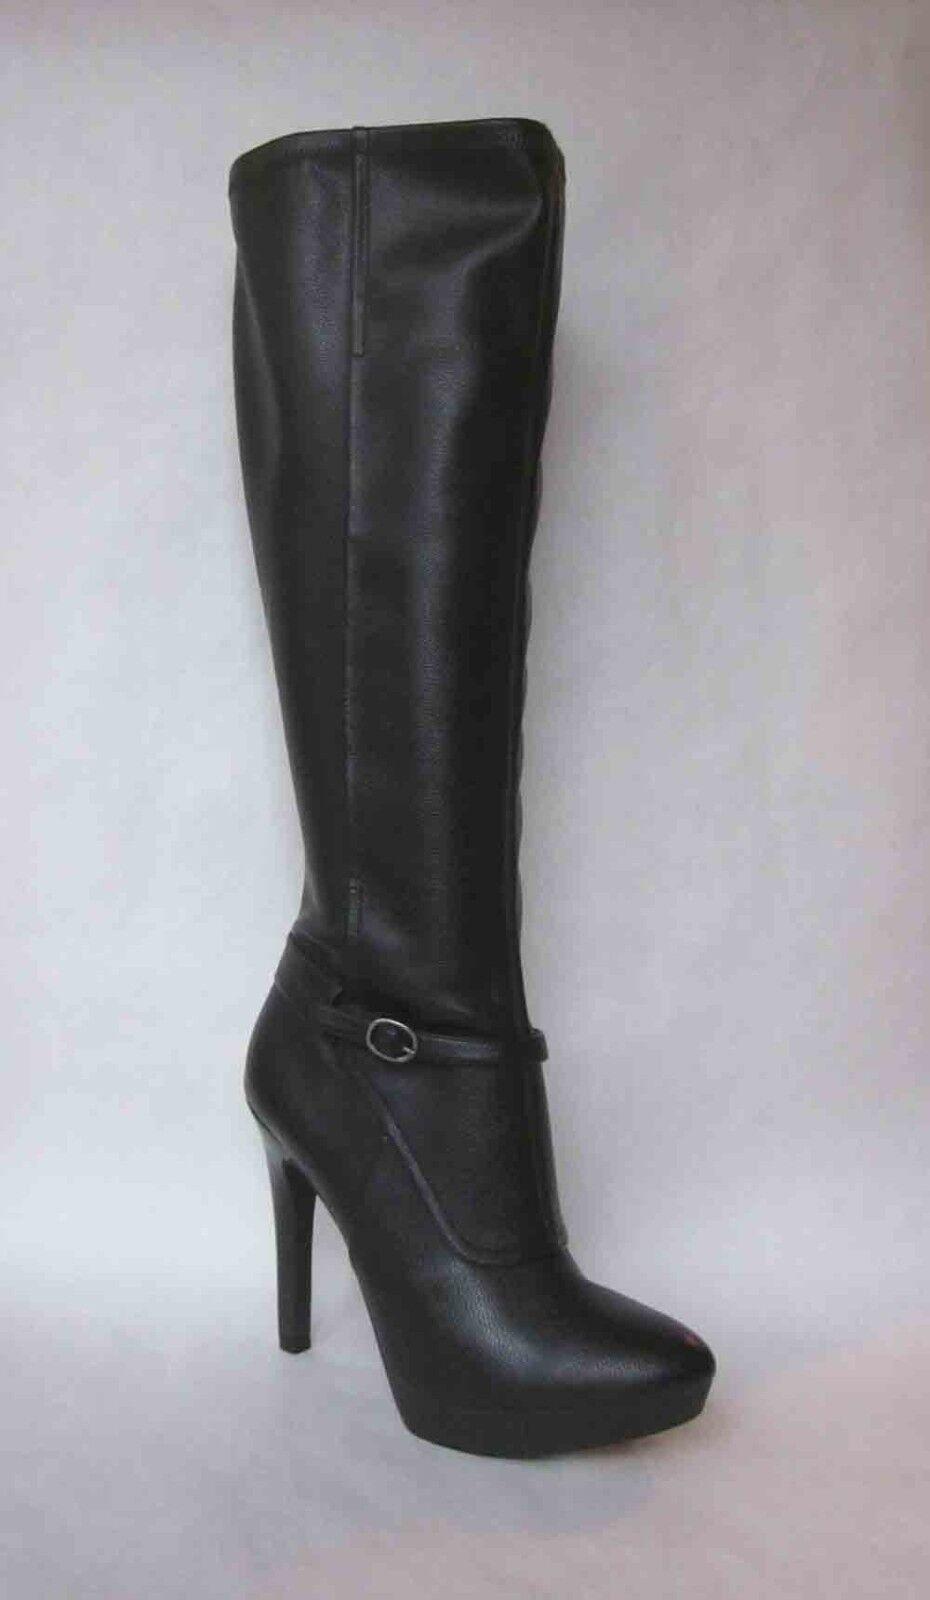 Nine West Ivanbella Black Knee High Platform Boots - SIZE 9.5